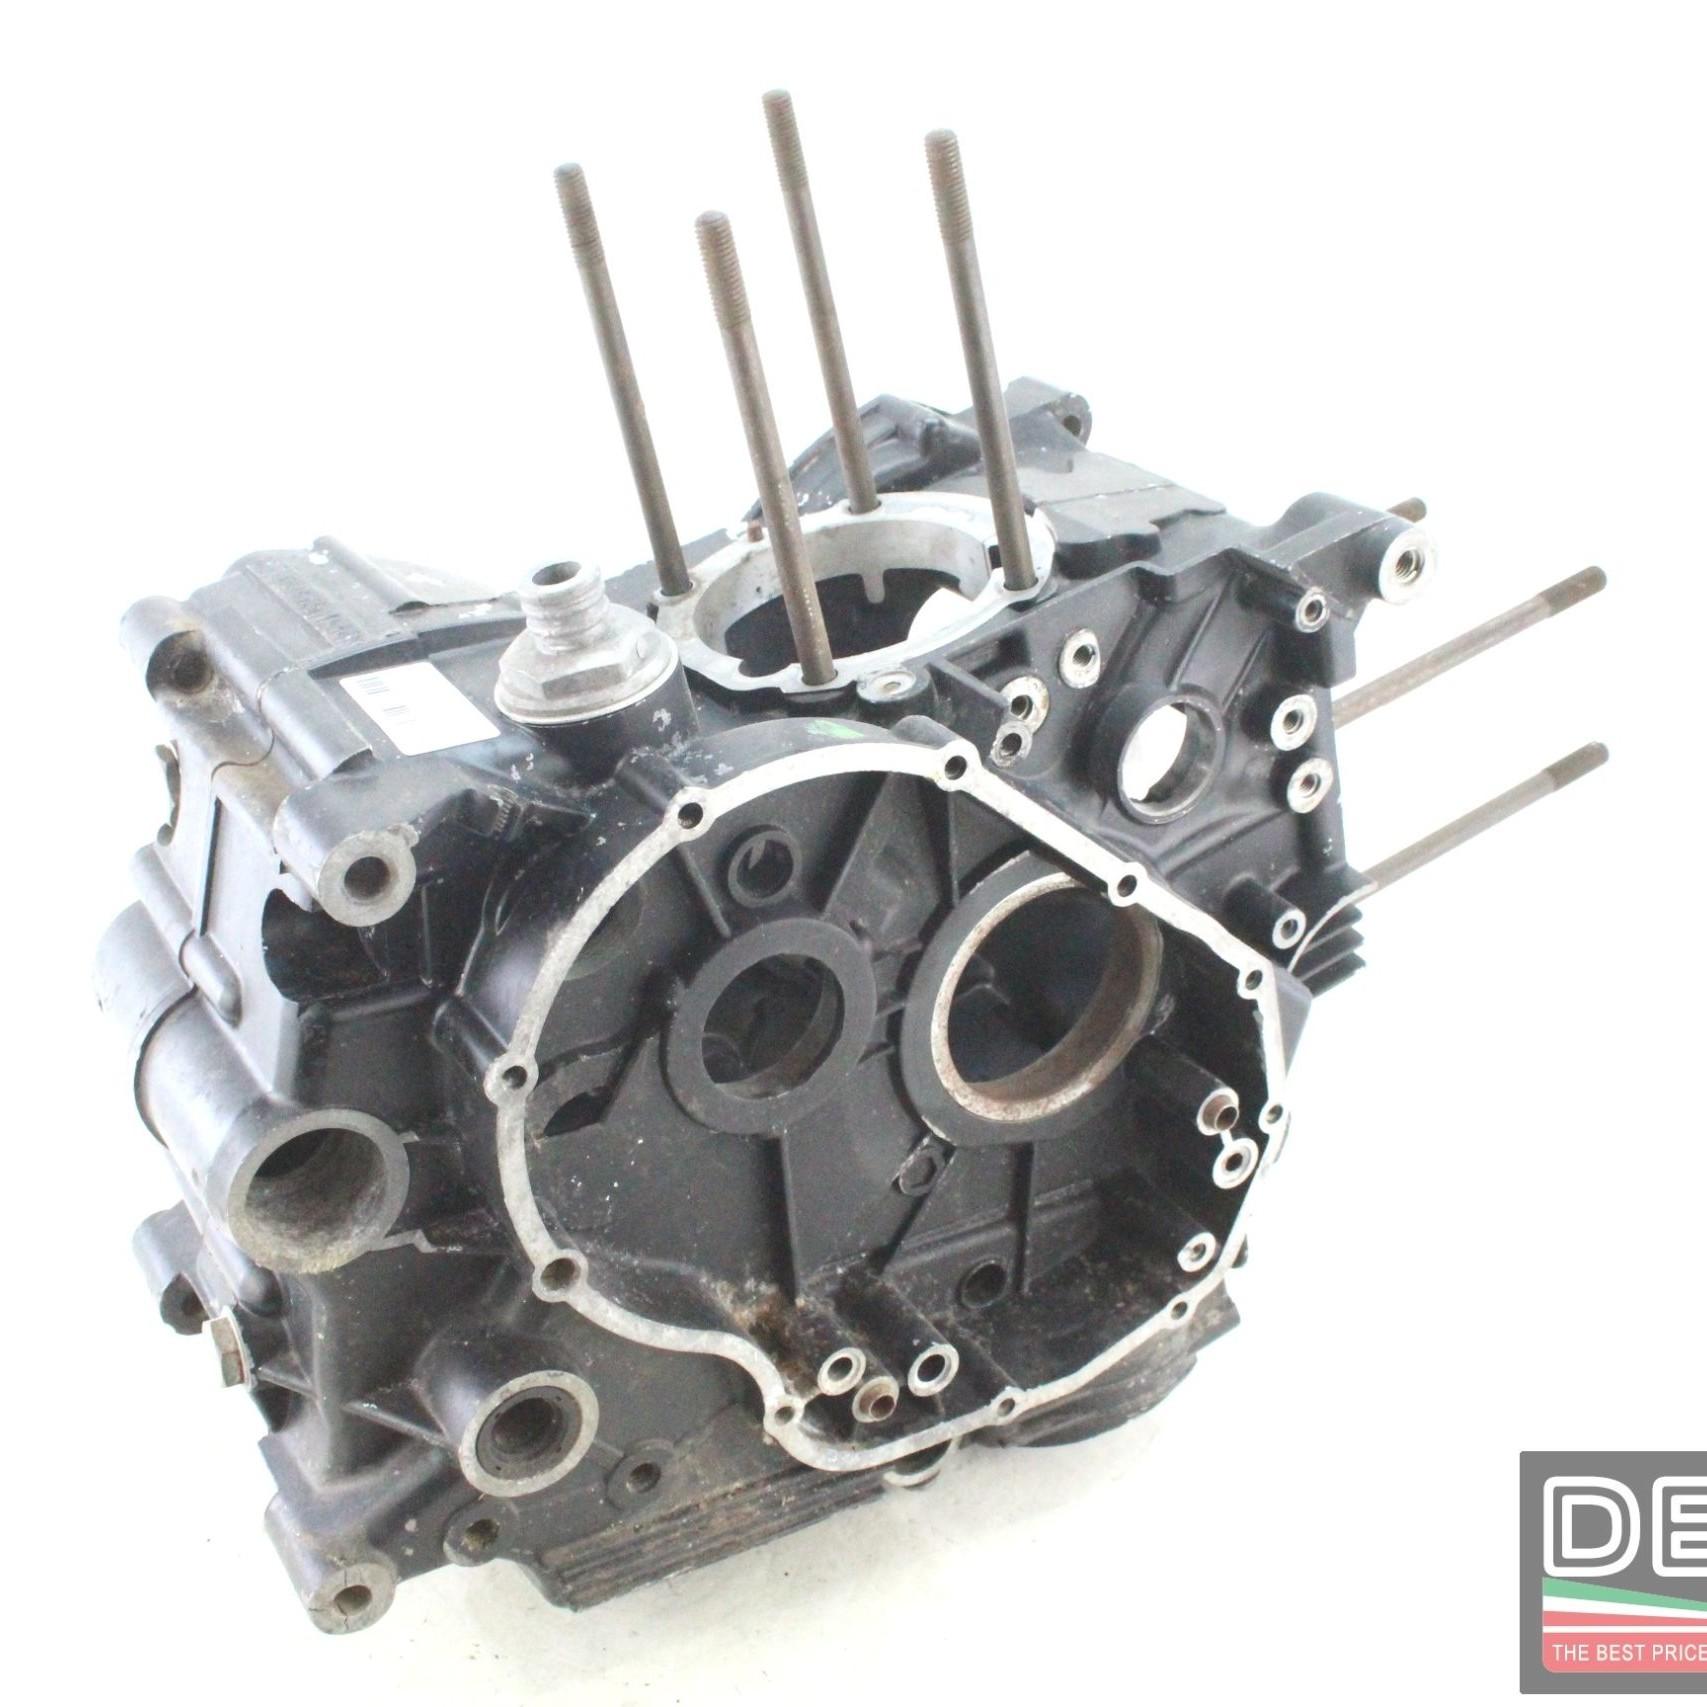 Casse carter motore Ducati Pantah Cagiva Elephant 650